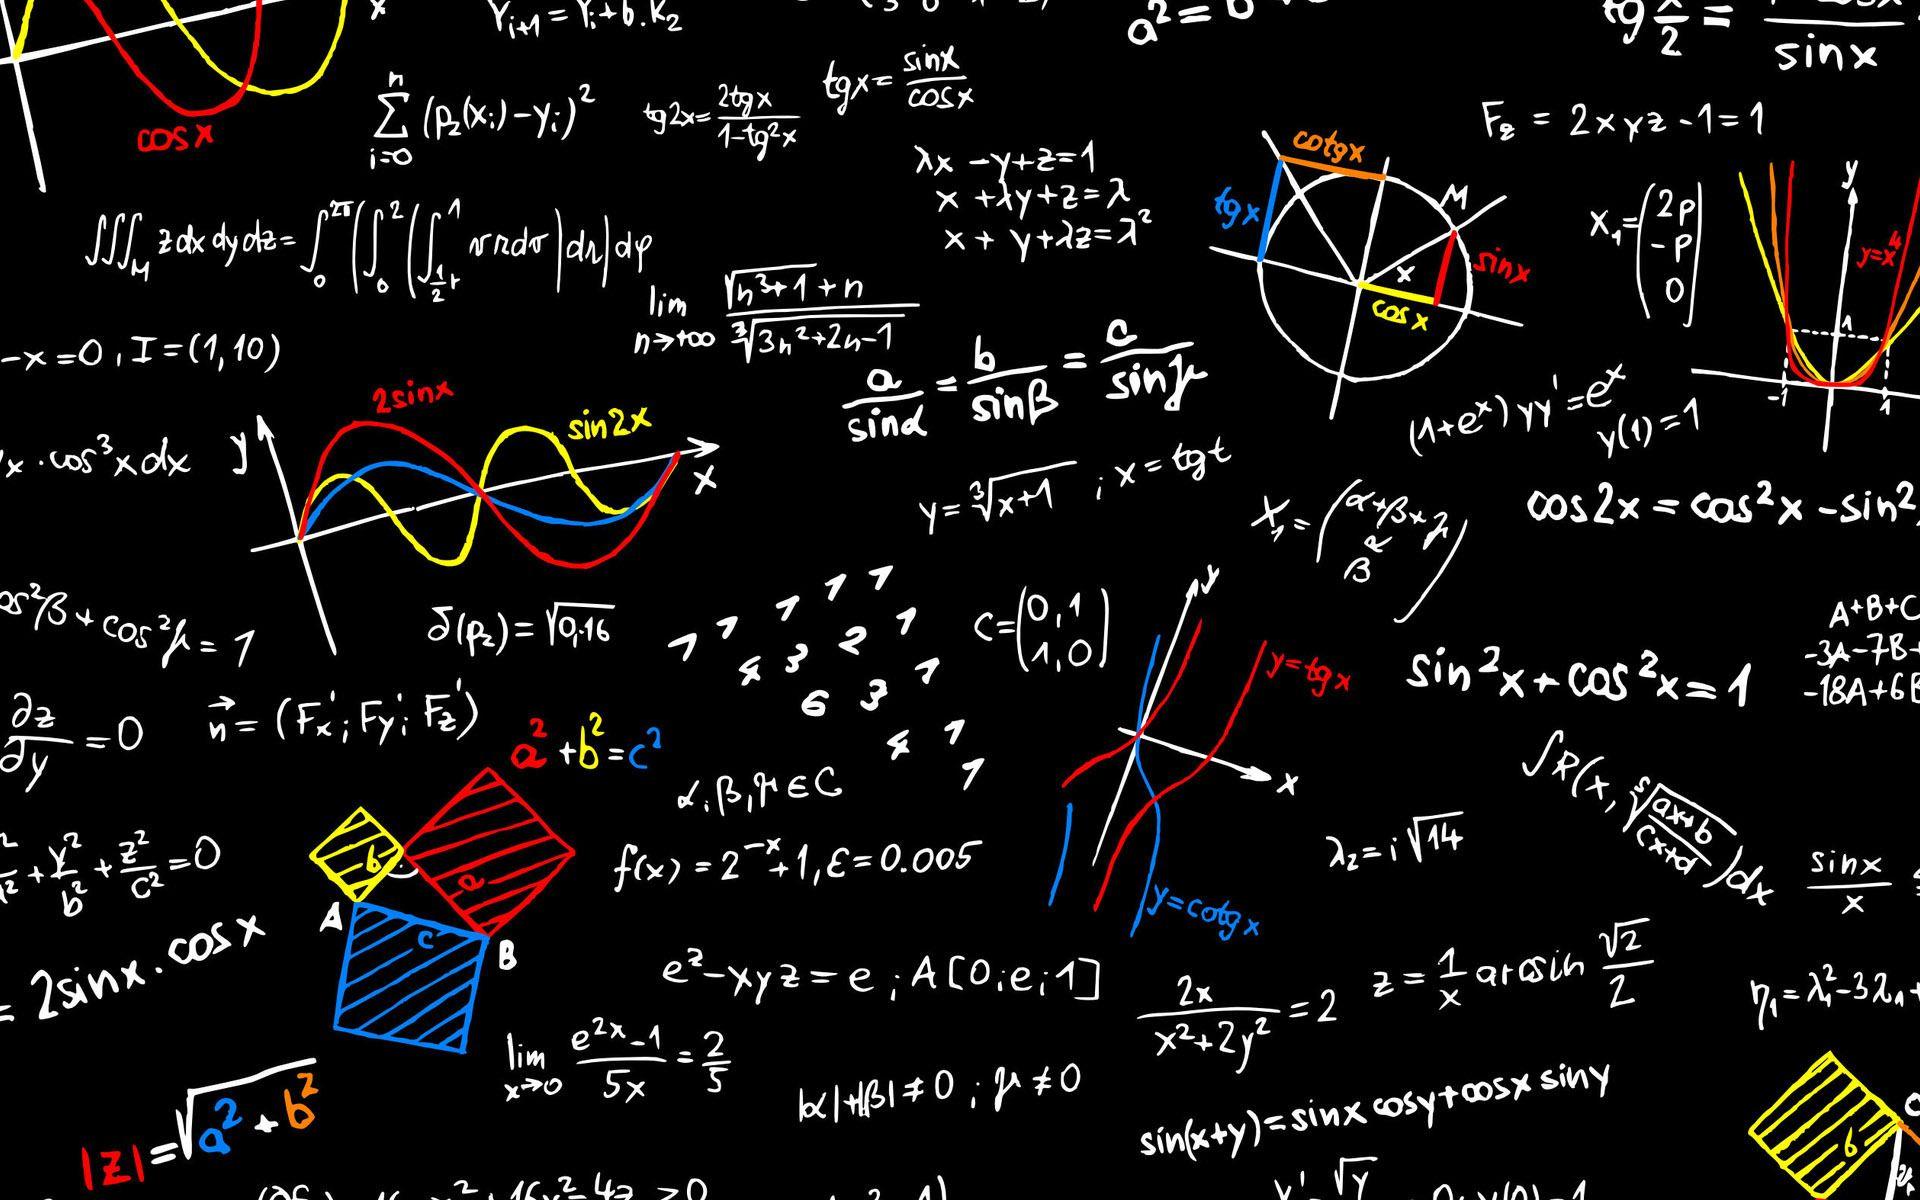 دانلود جزوه ریاضی مهندسی – جزوات و منابع درس ریاضی مهندسی